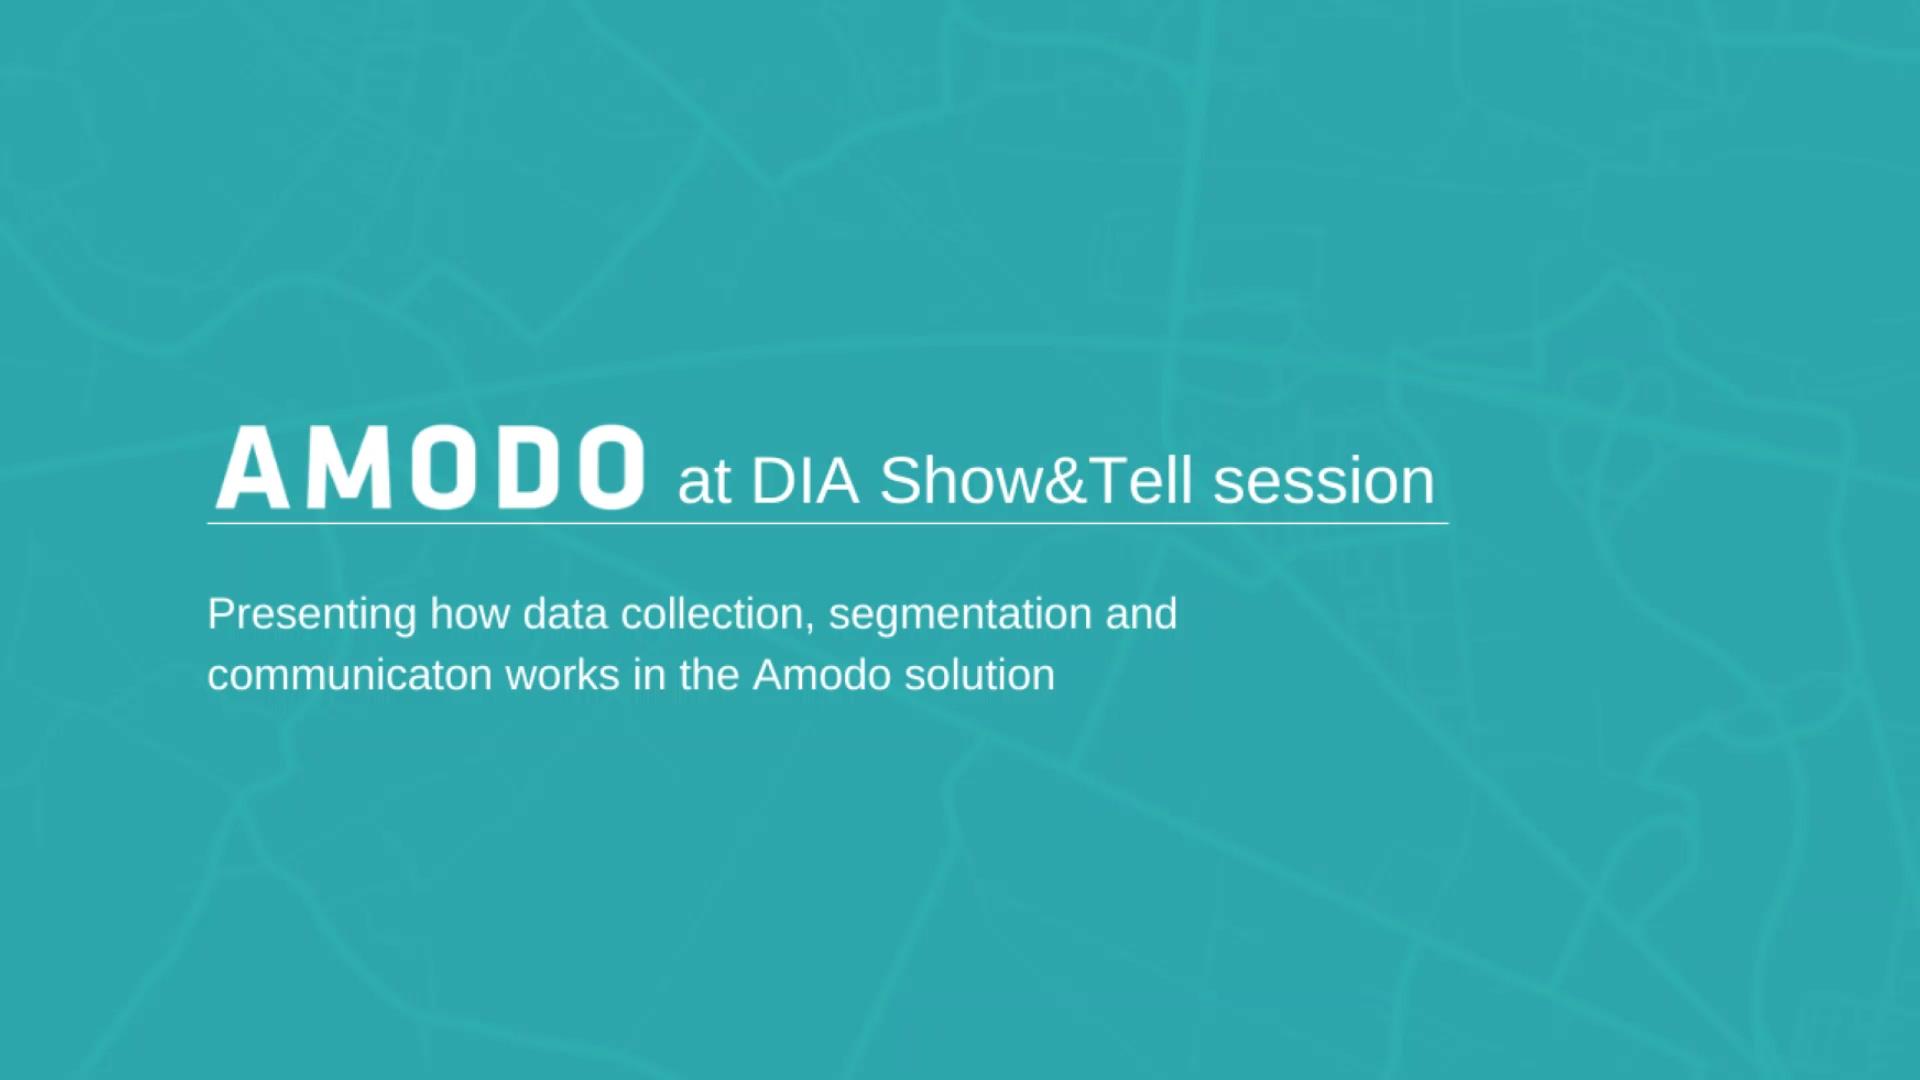 Amodo_DIA_Show&tell_2020